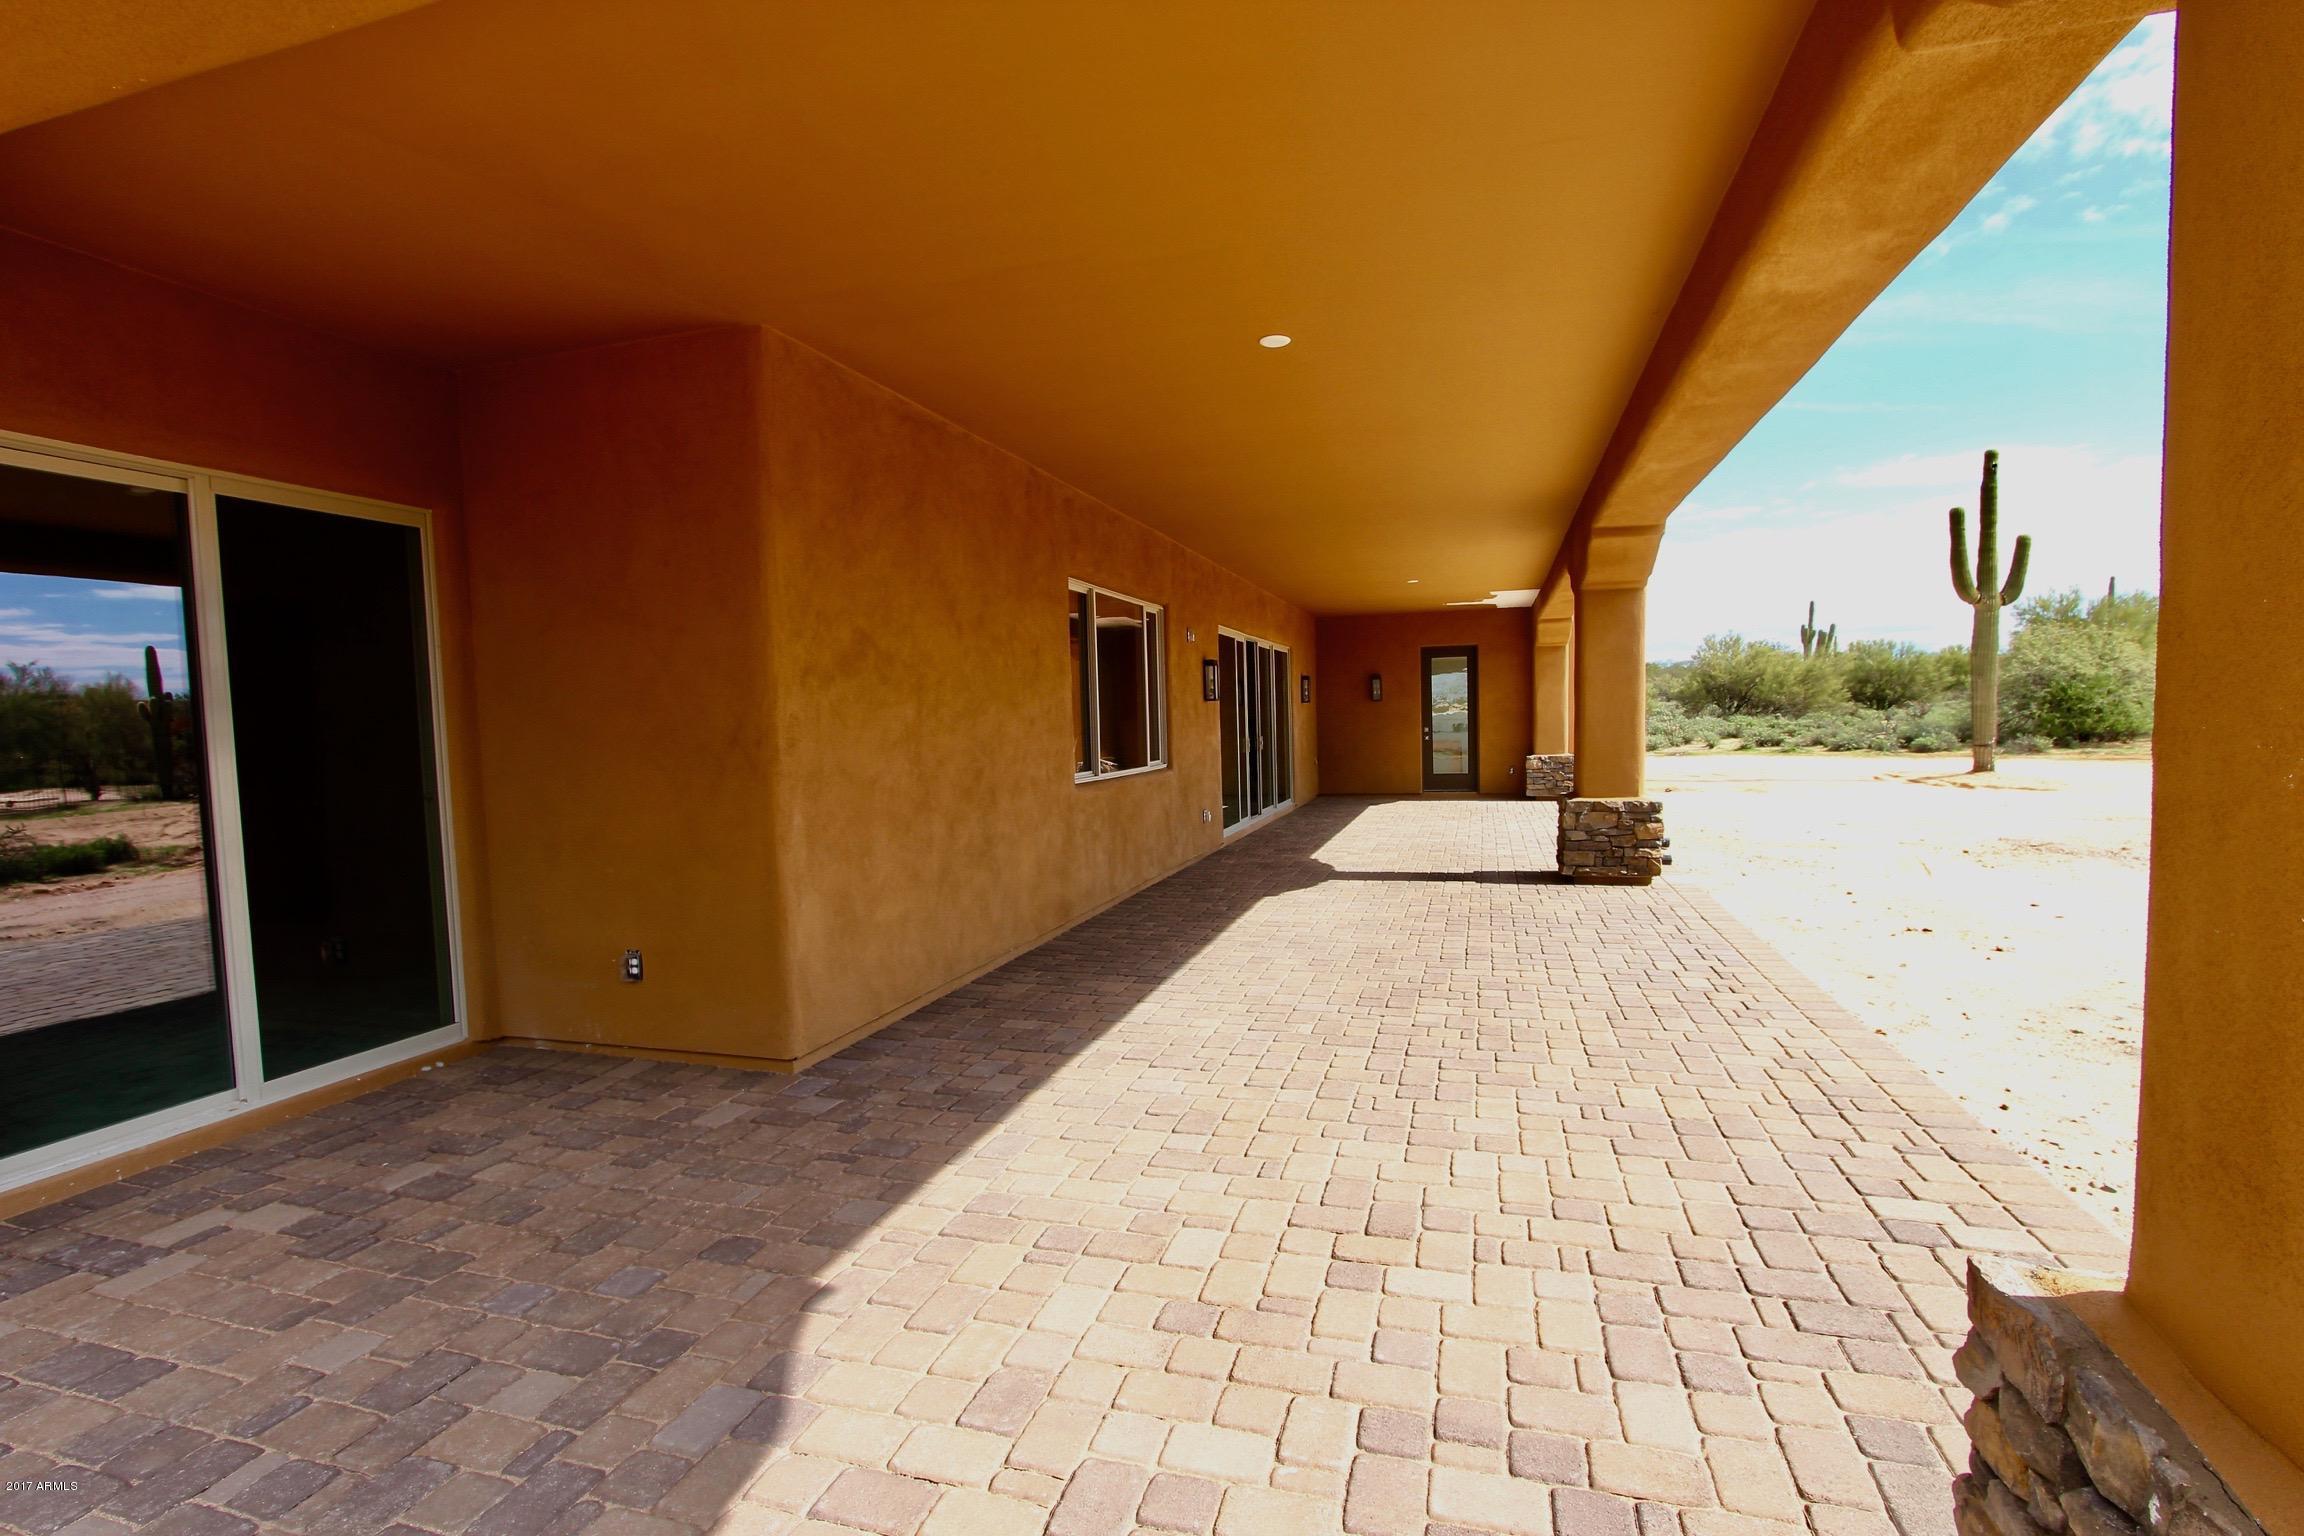 MLS 5539389 36XXX N 51st Place, Cave Creek, AZ 85331 Cave Creek AZ Newly Built